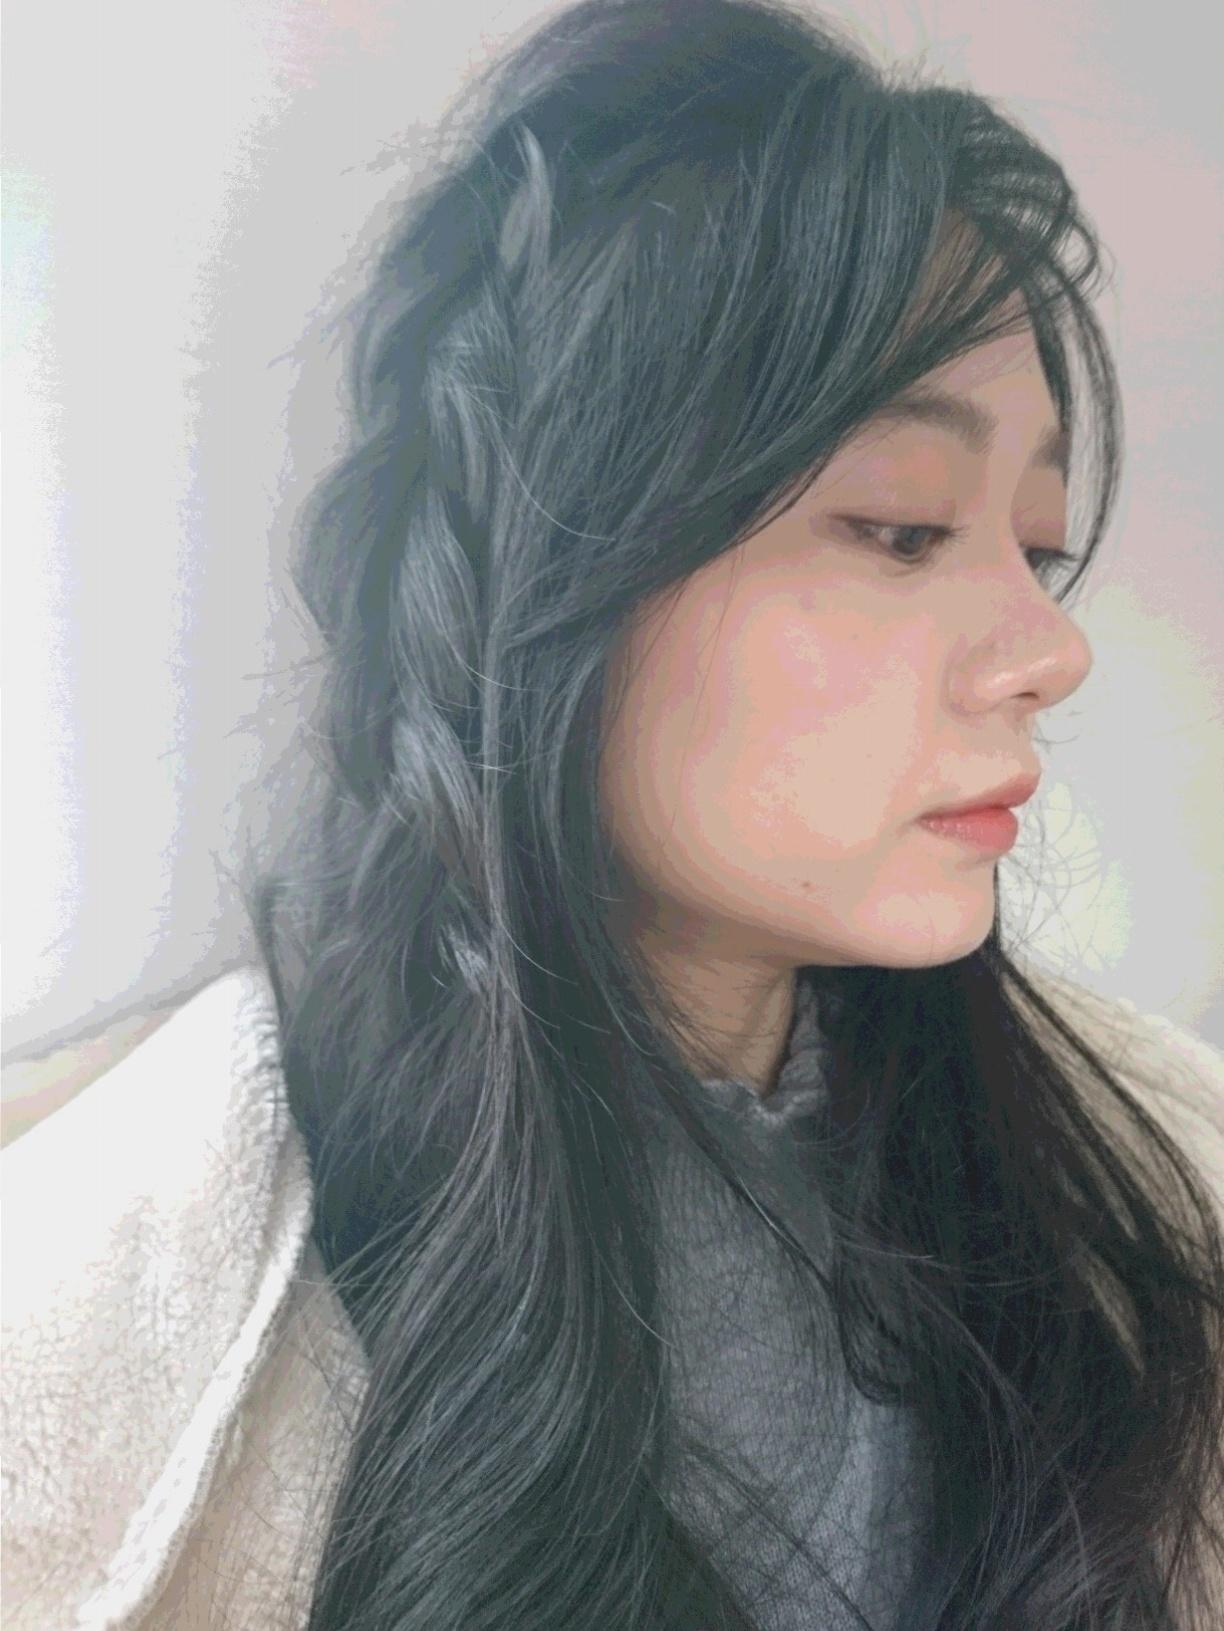 【キャンメイク】新色シャドウで濡れツヤEye 冬メイク≪クリスマス編≫_5